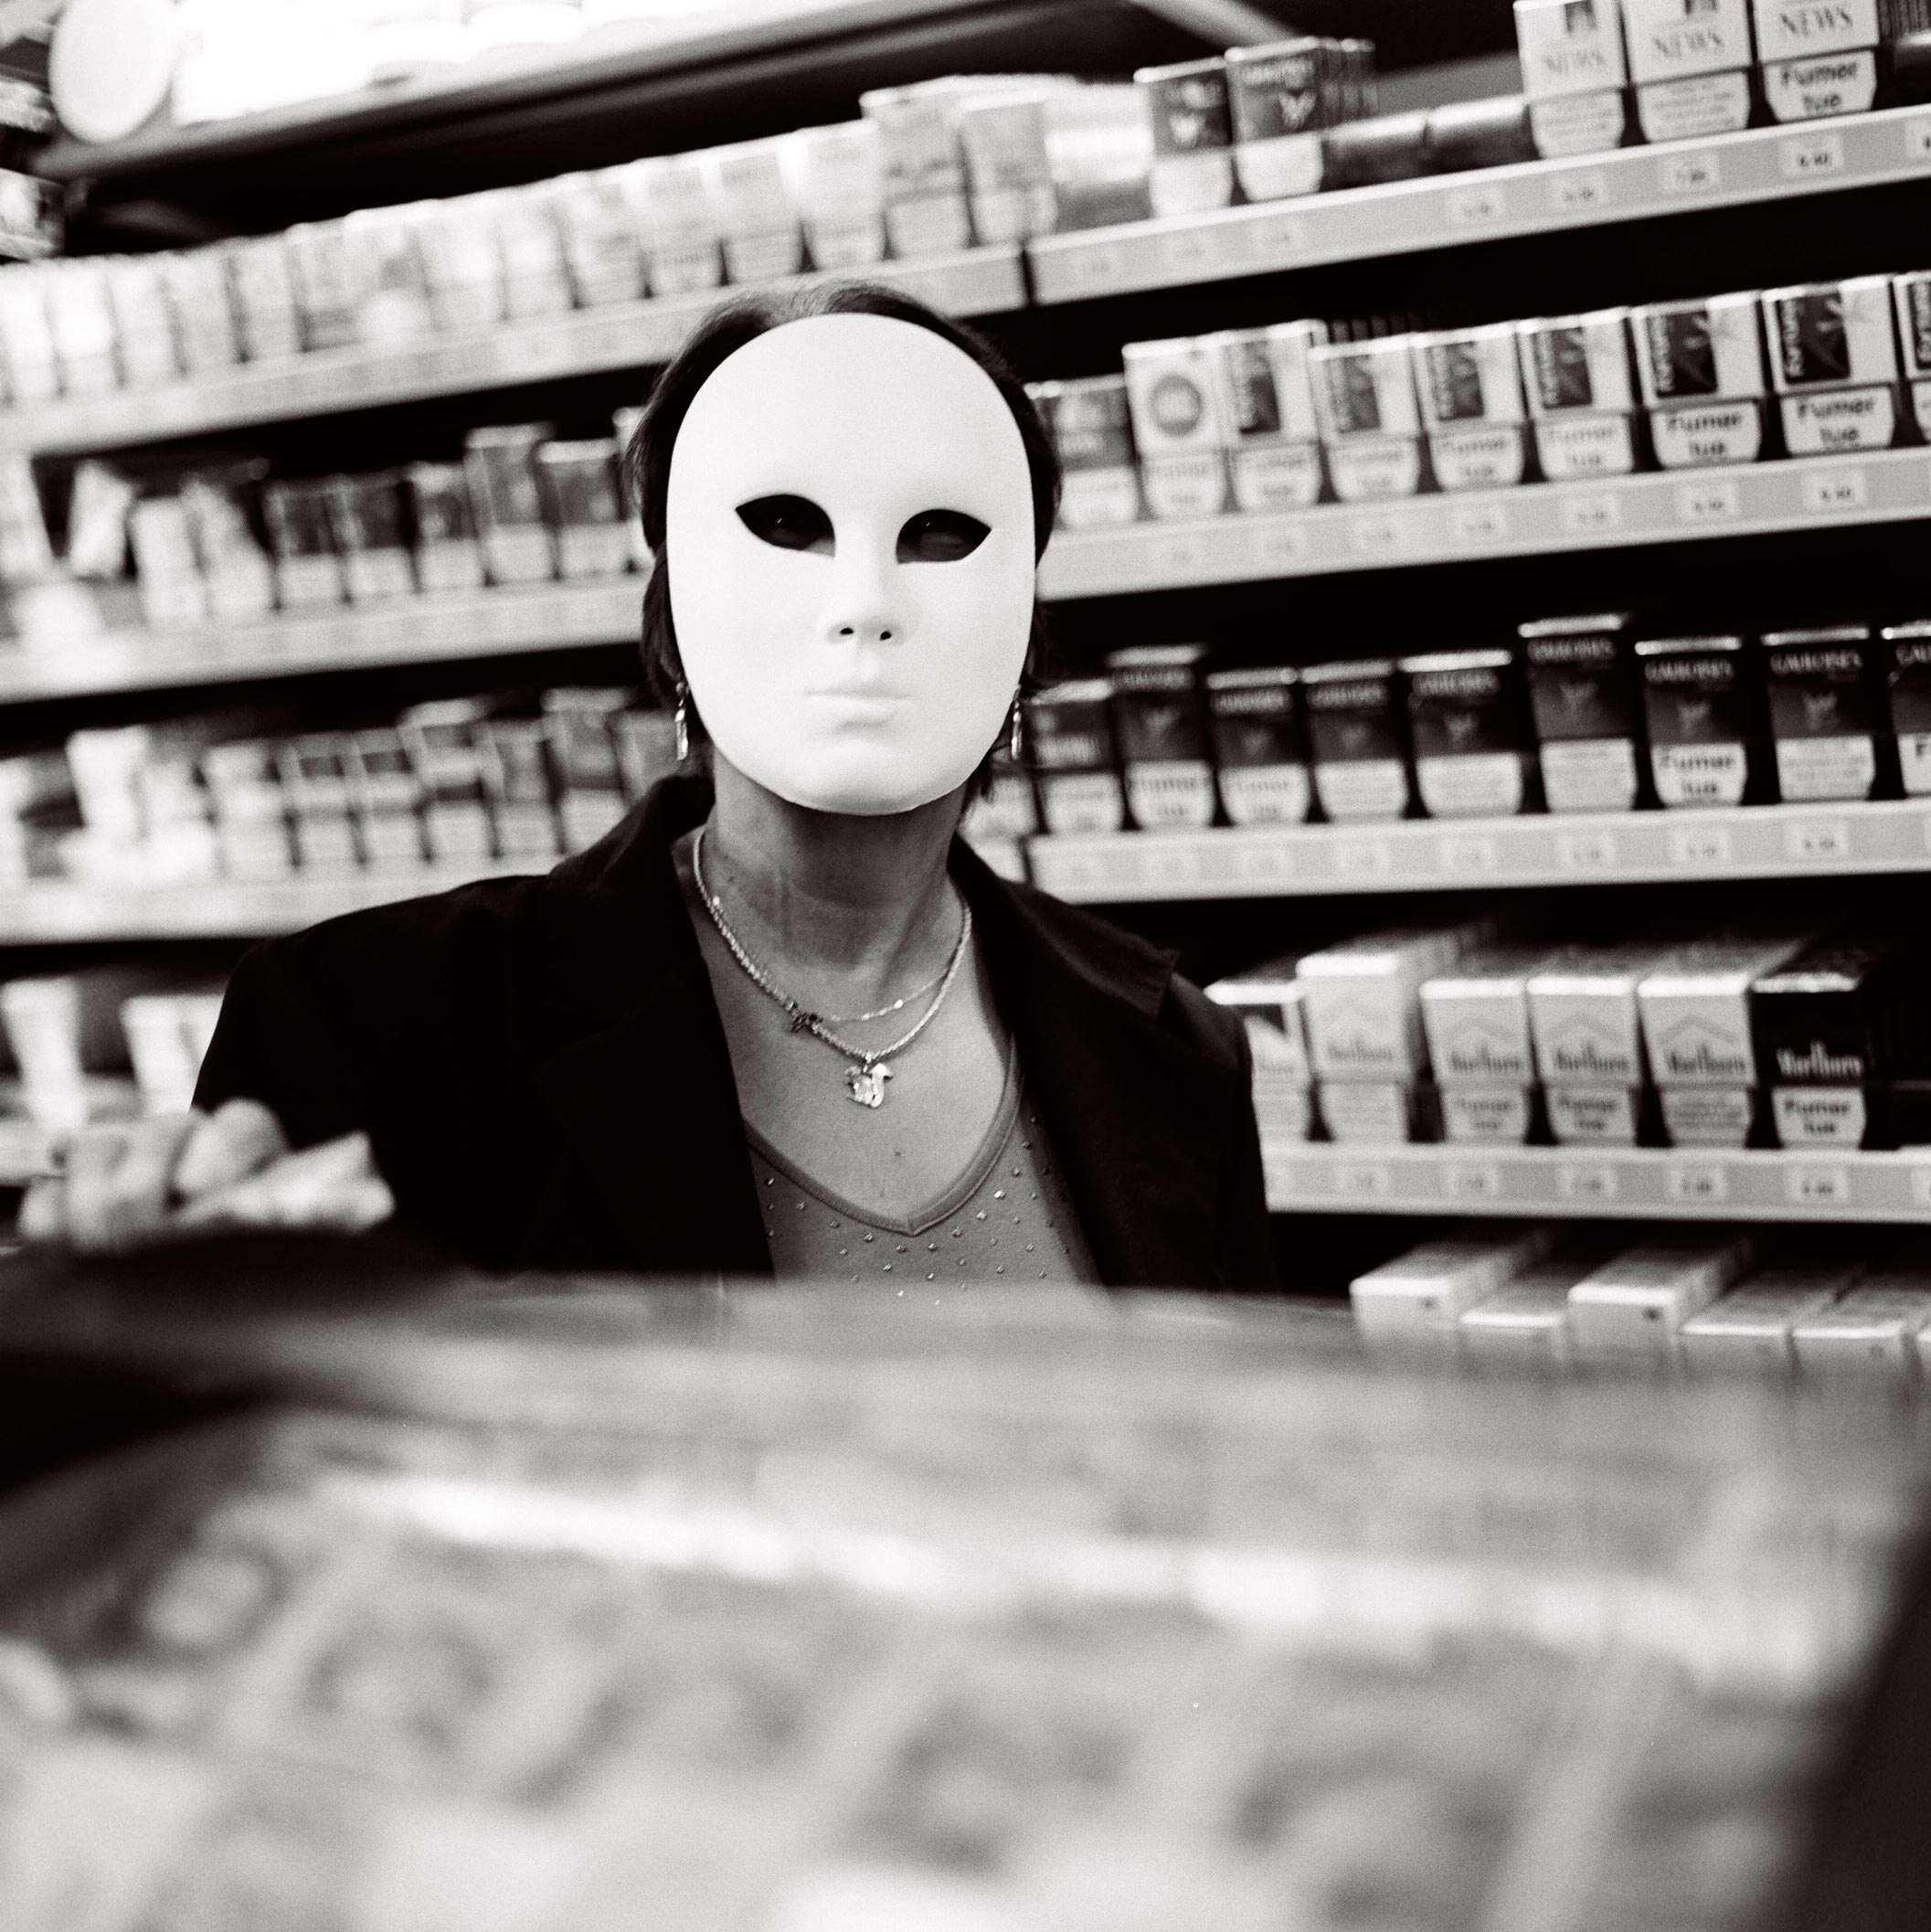 photographie d'art d'une buraliste portant un masque